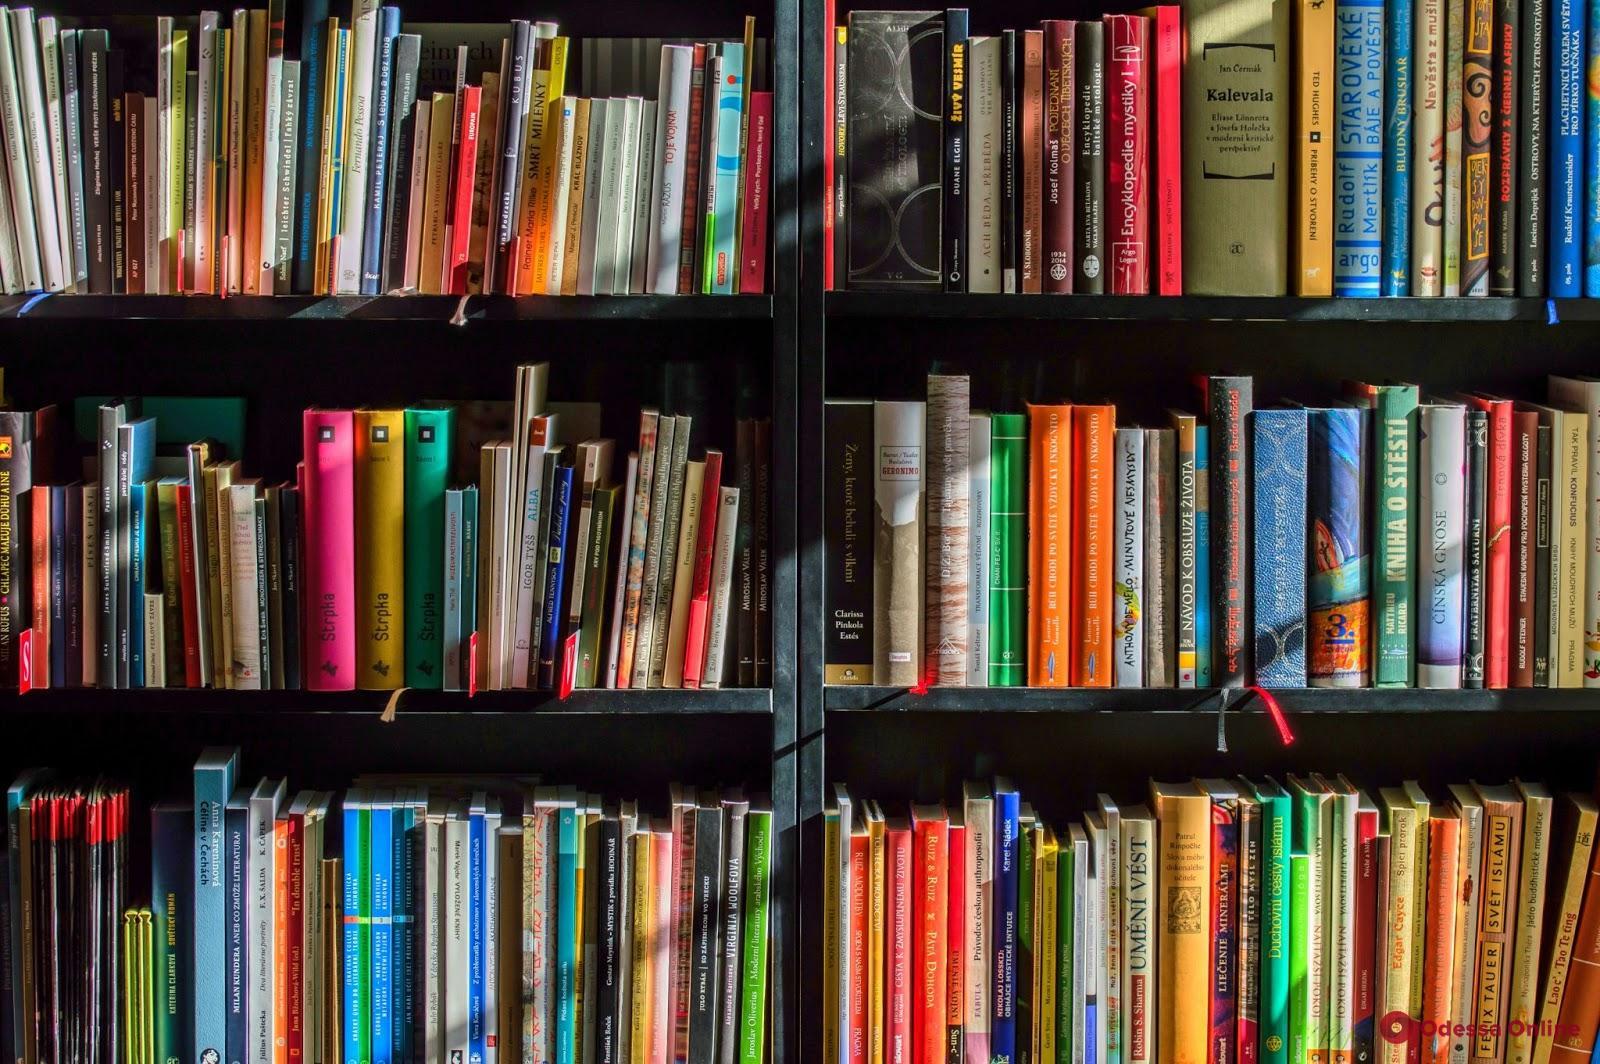 С 16 июля не менее 50% названий книг в магазинах должны быть на украинском языке